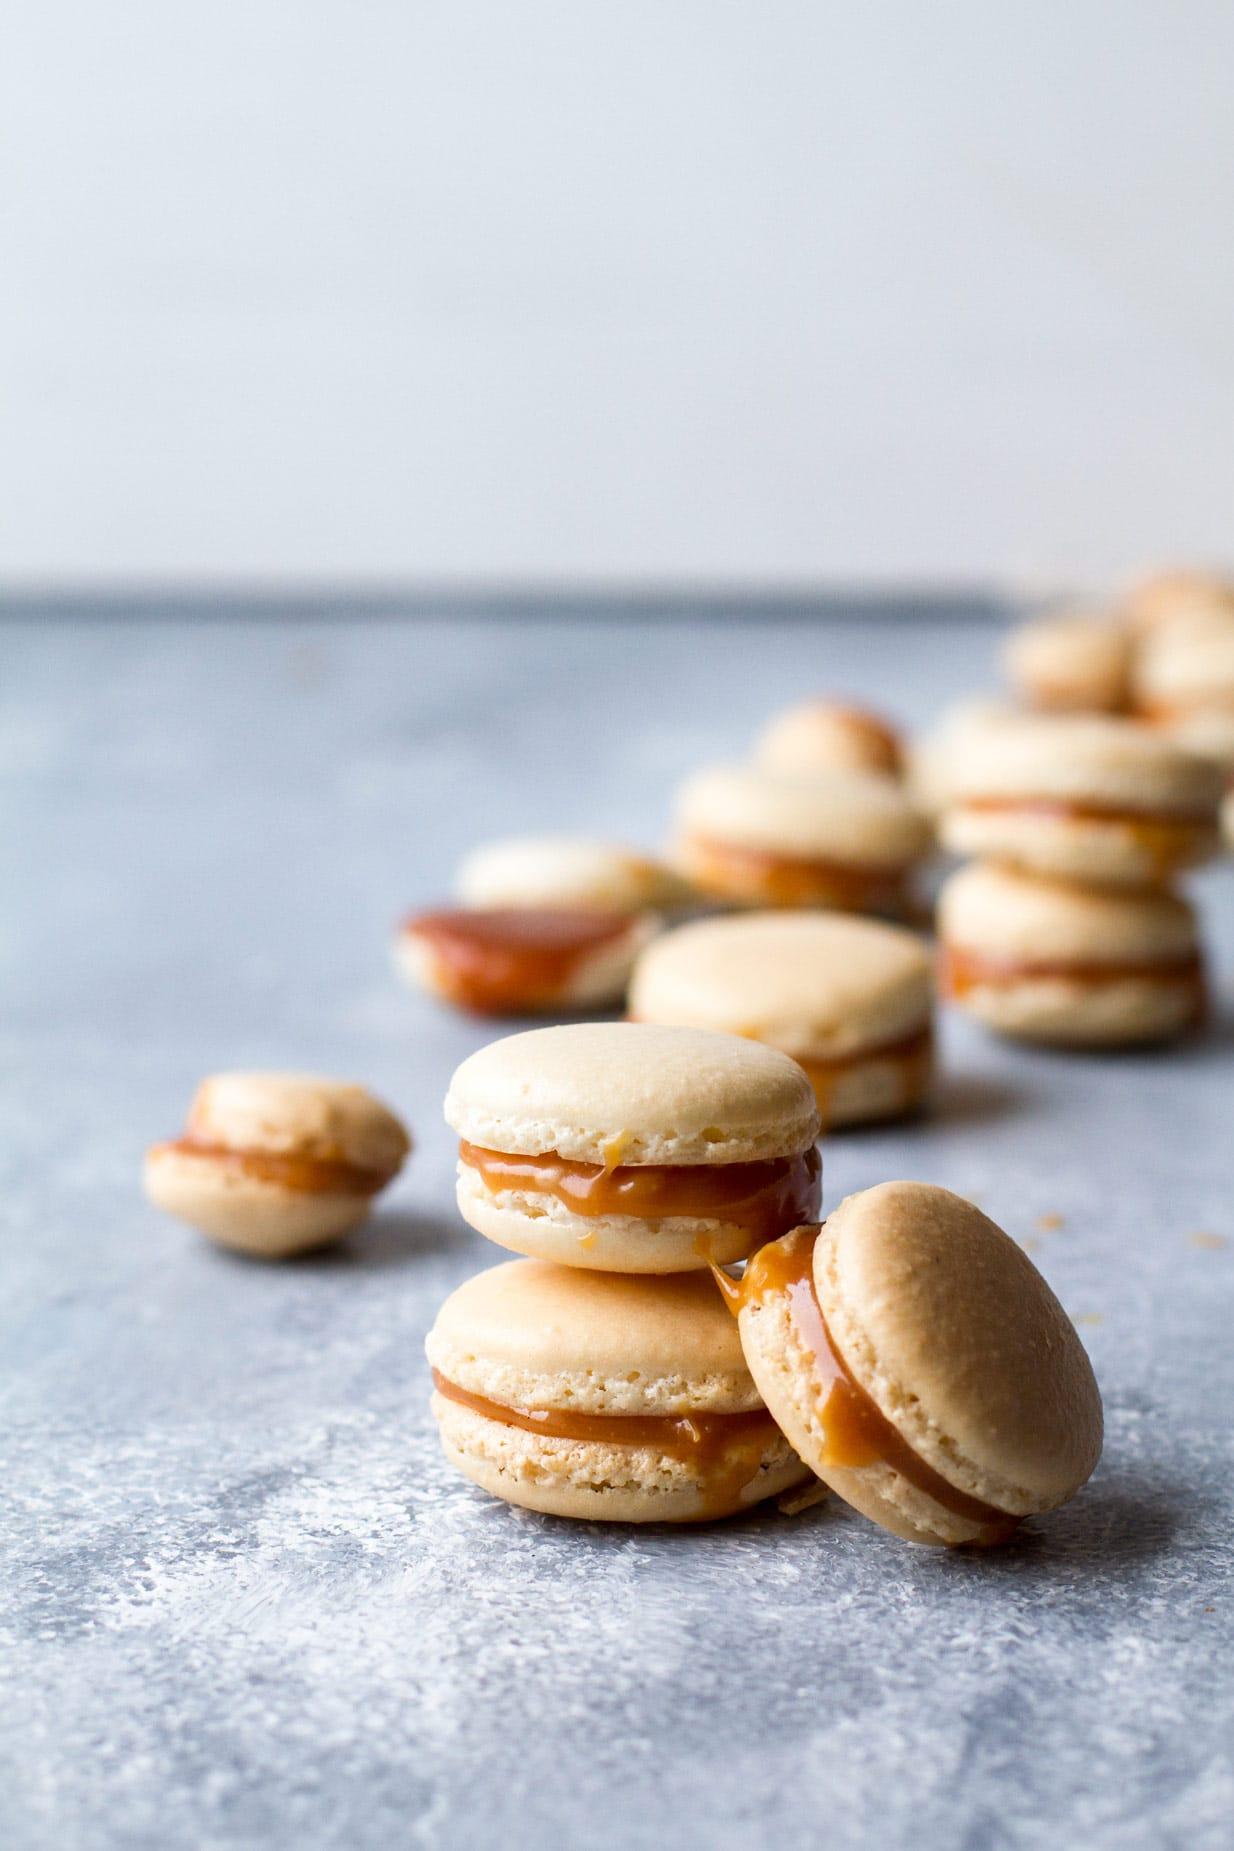 Salted Caramel Macarons with Homemade Caramel